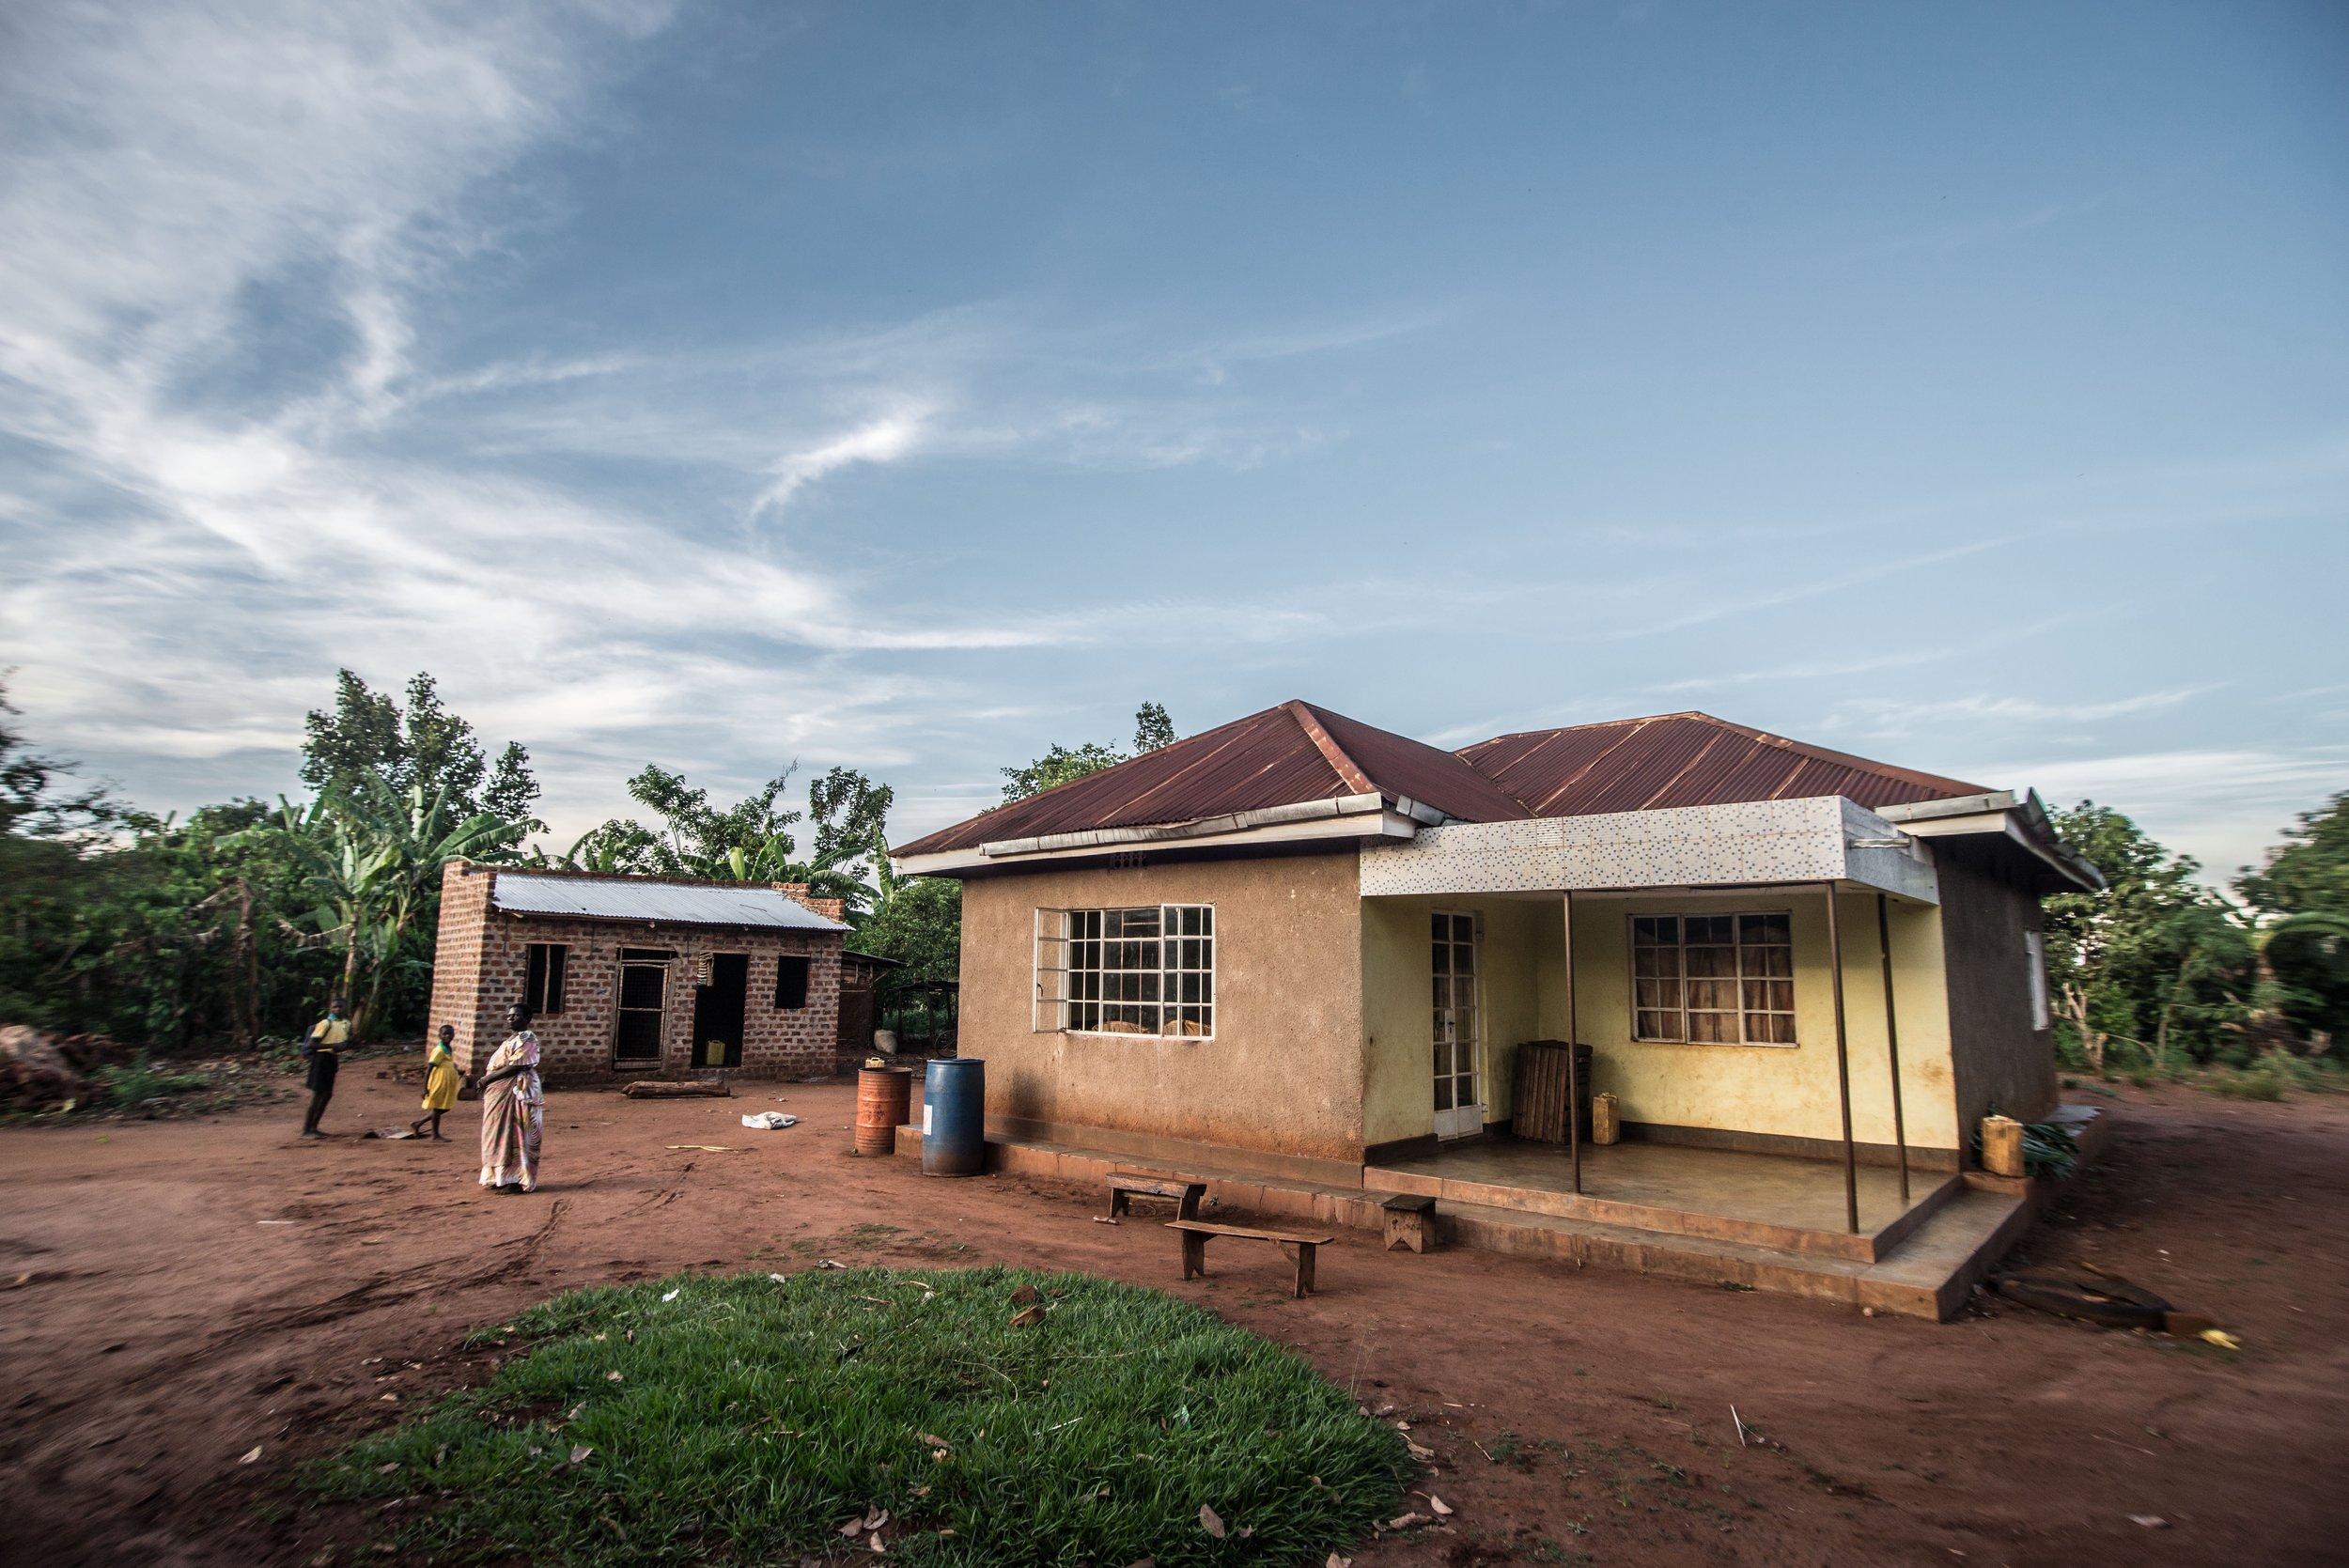 Uganda_IPPF_046.jpg